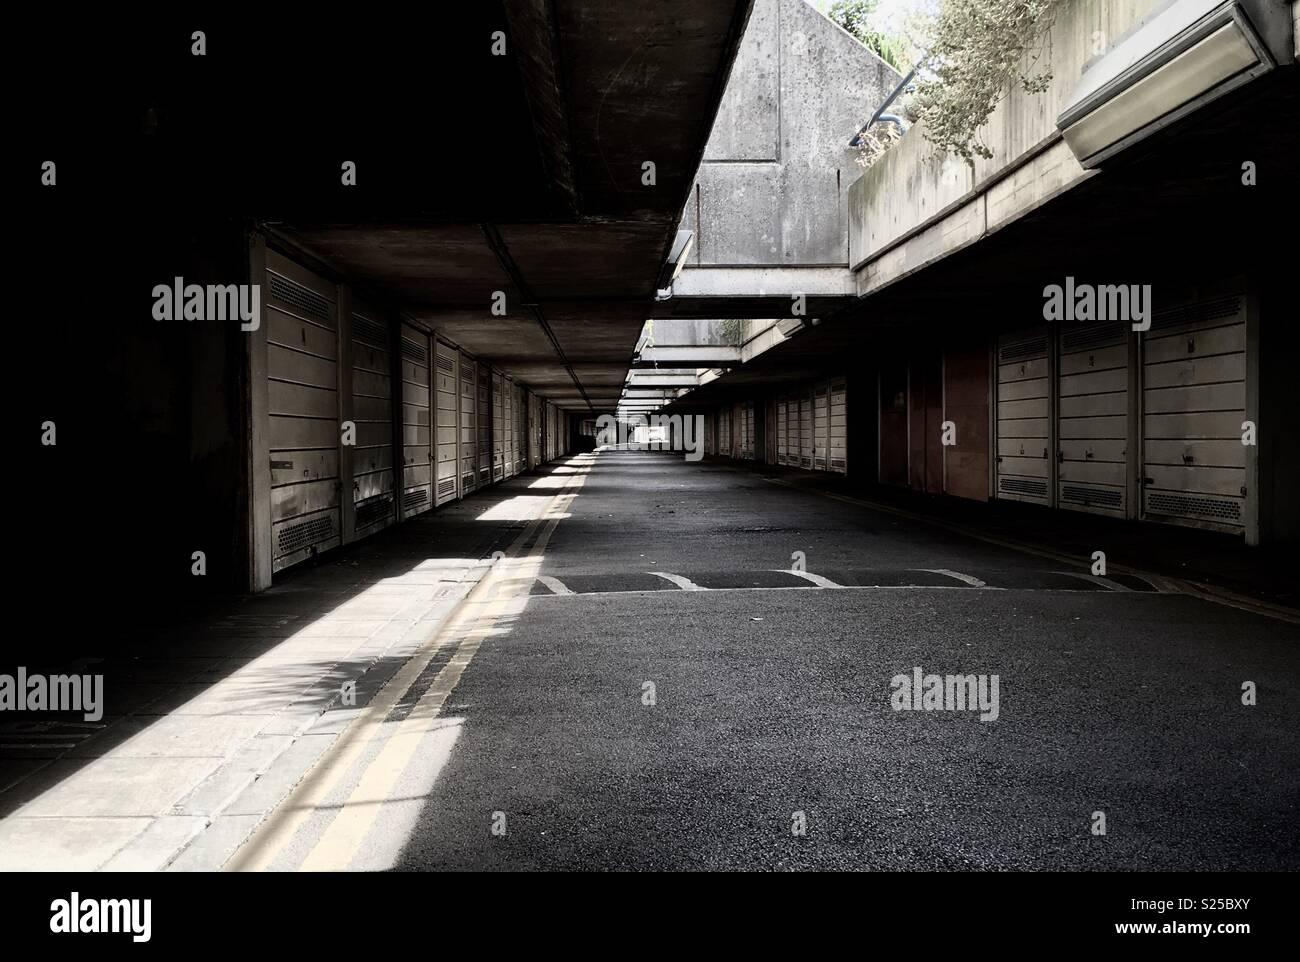 Sotto terra garage con luce e ombra Immagini Stock